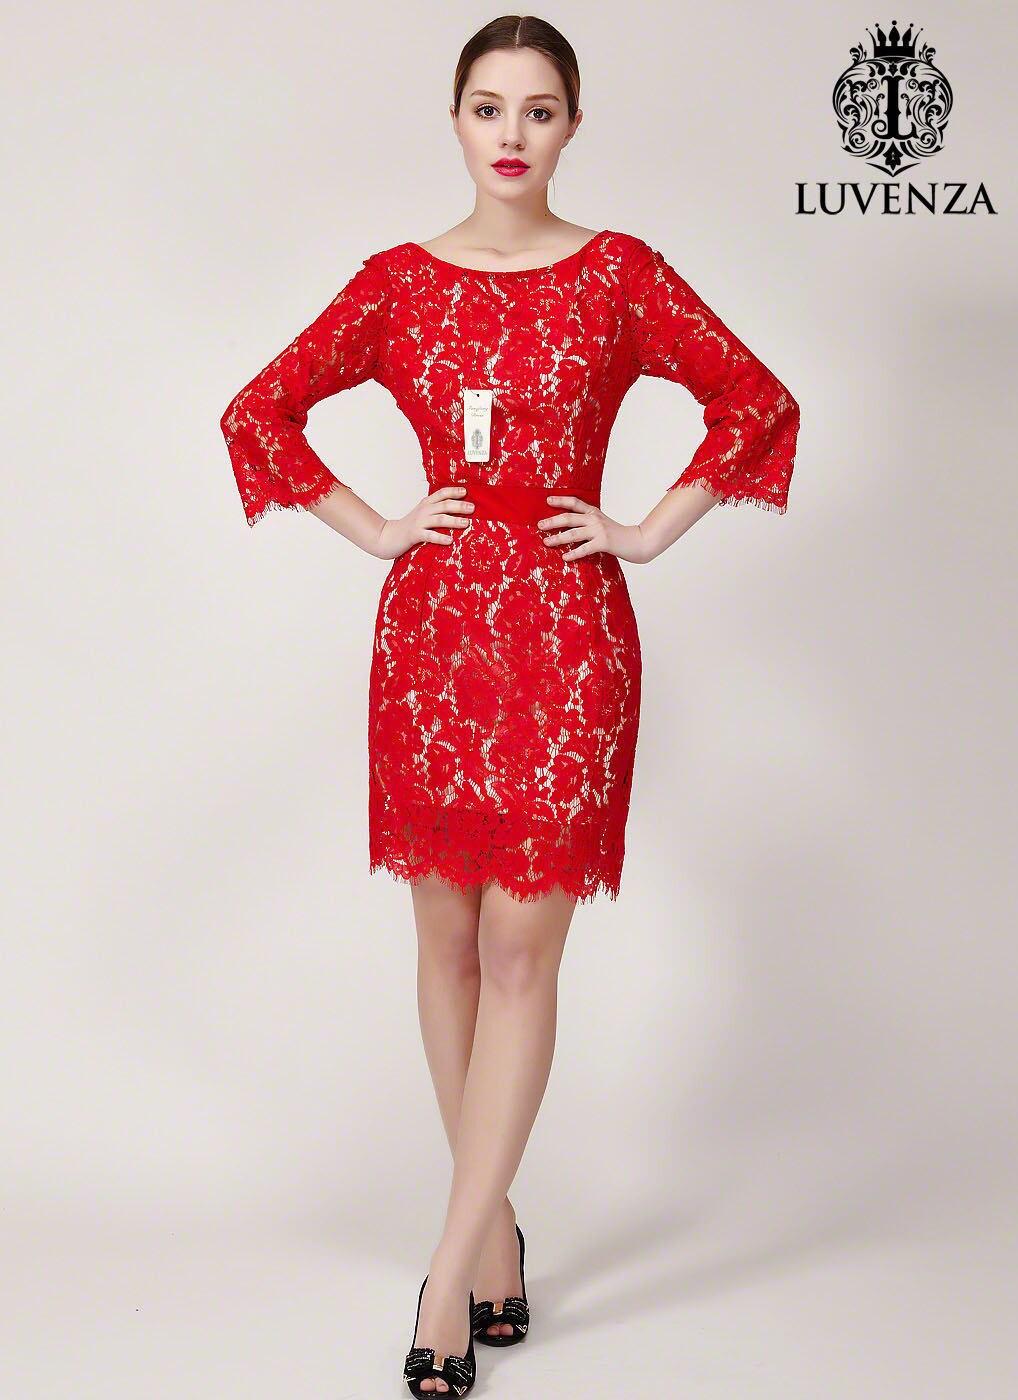 V zurück rote Spitze Kleid Etuikleid mit V zurück Spitze